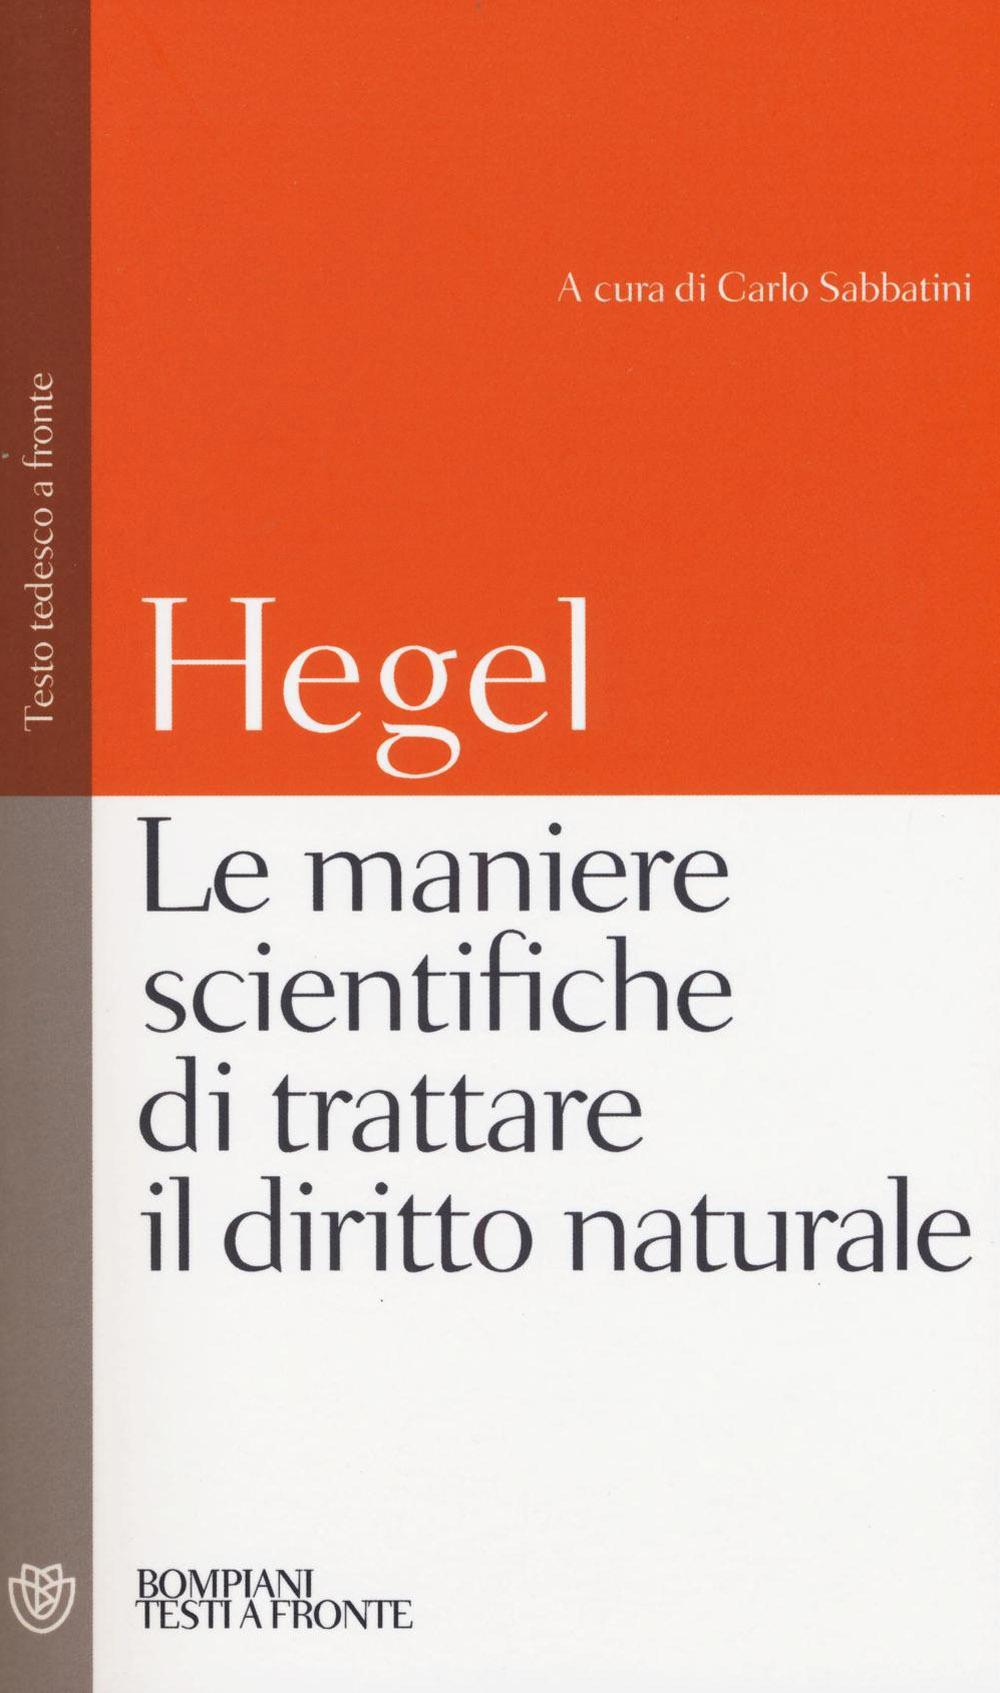 Le maniere scientifiche di trattare il diritto naturale. Testo tedesco a fronte